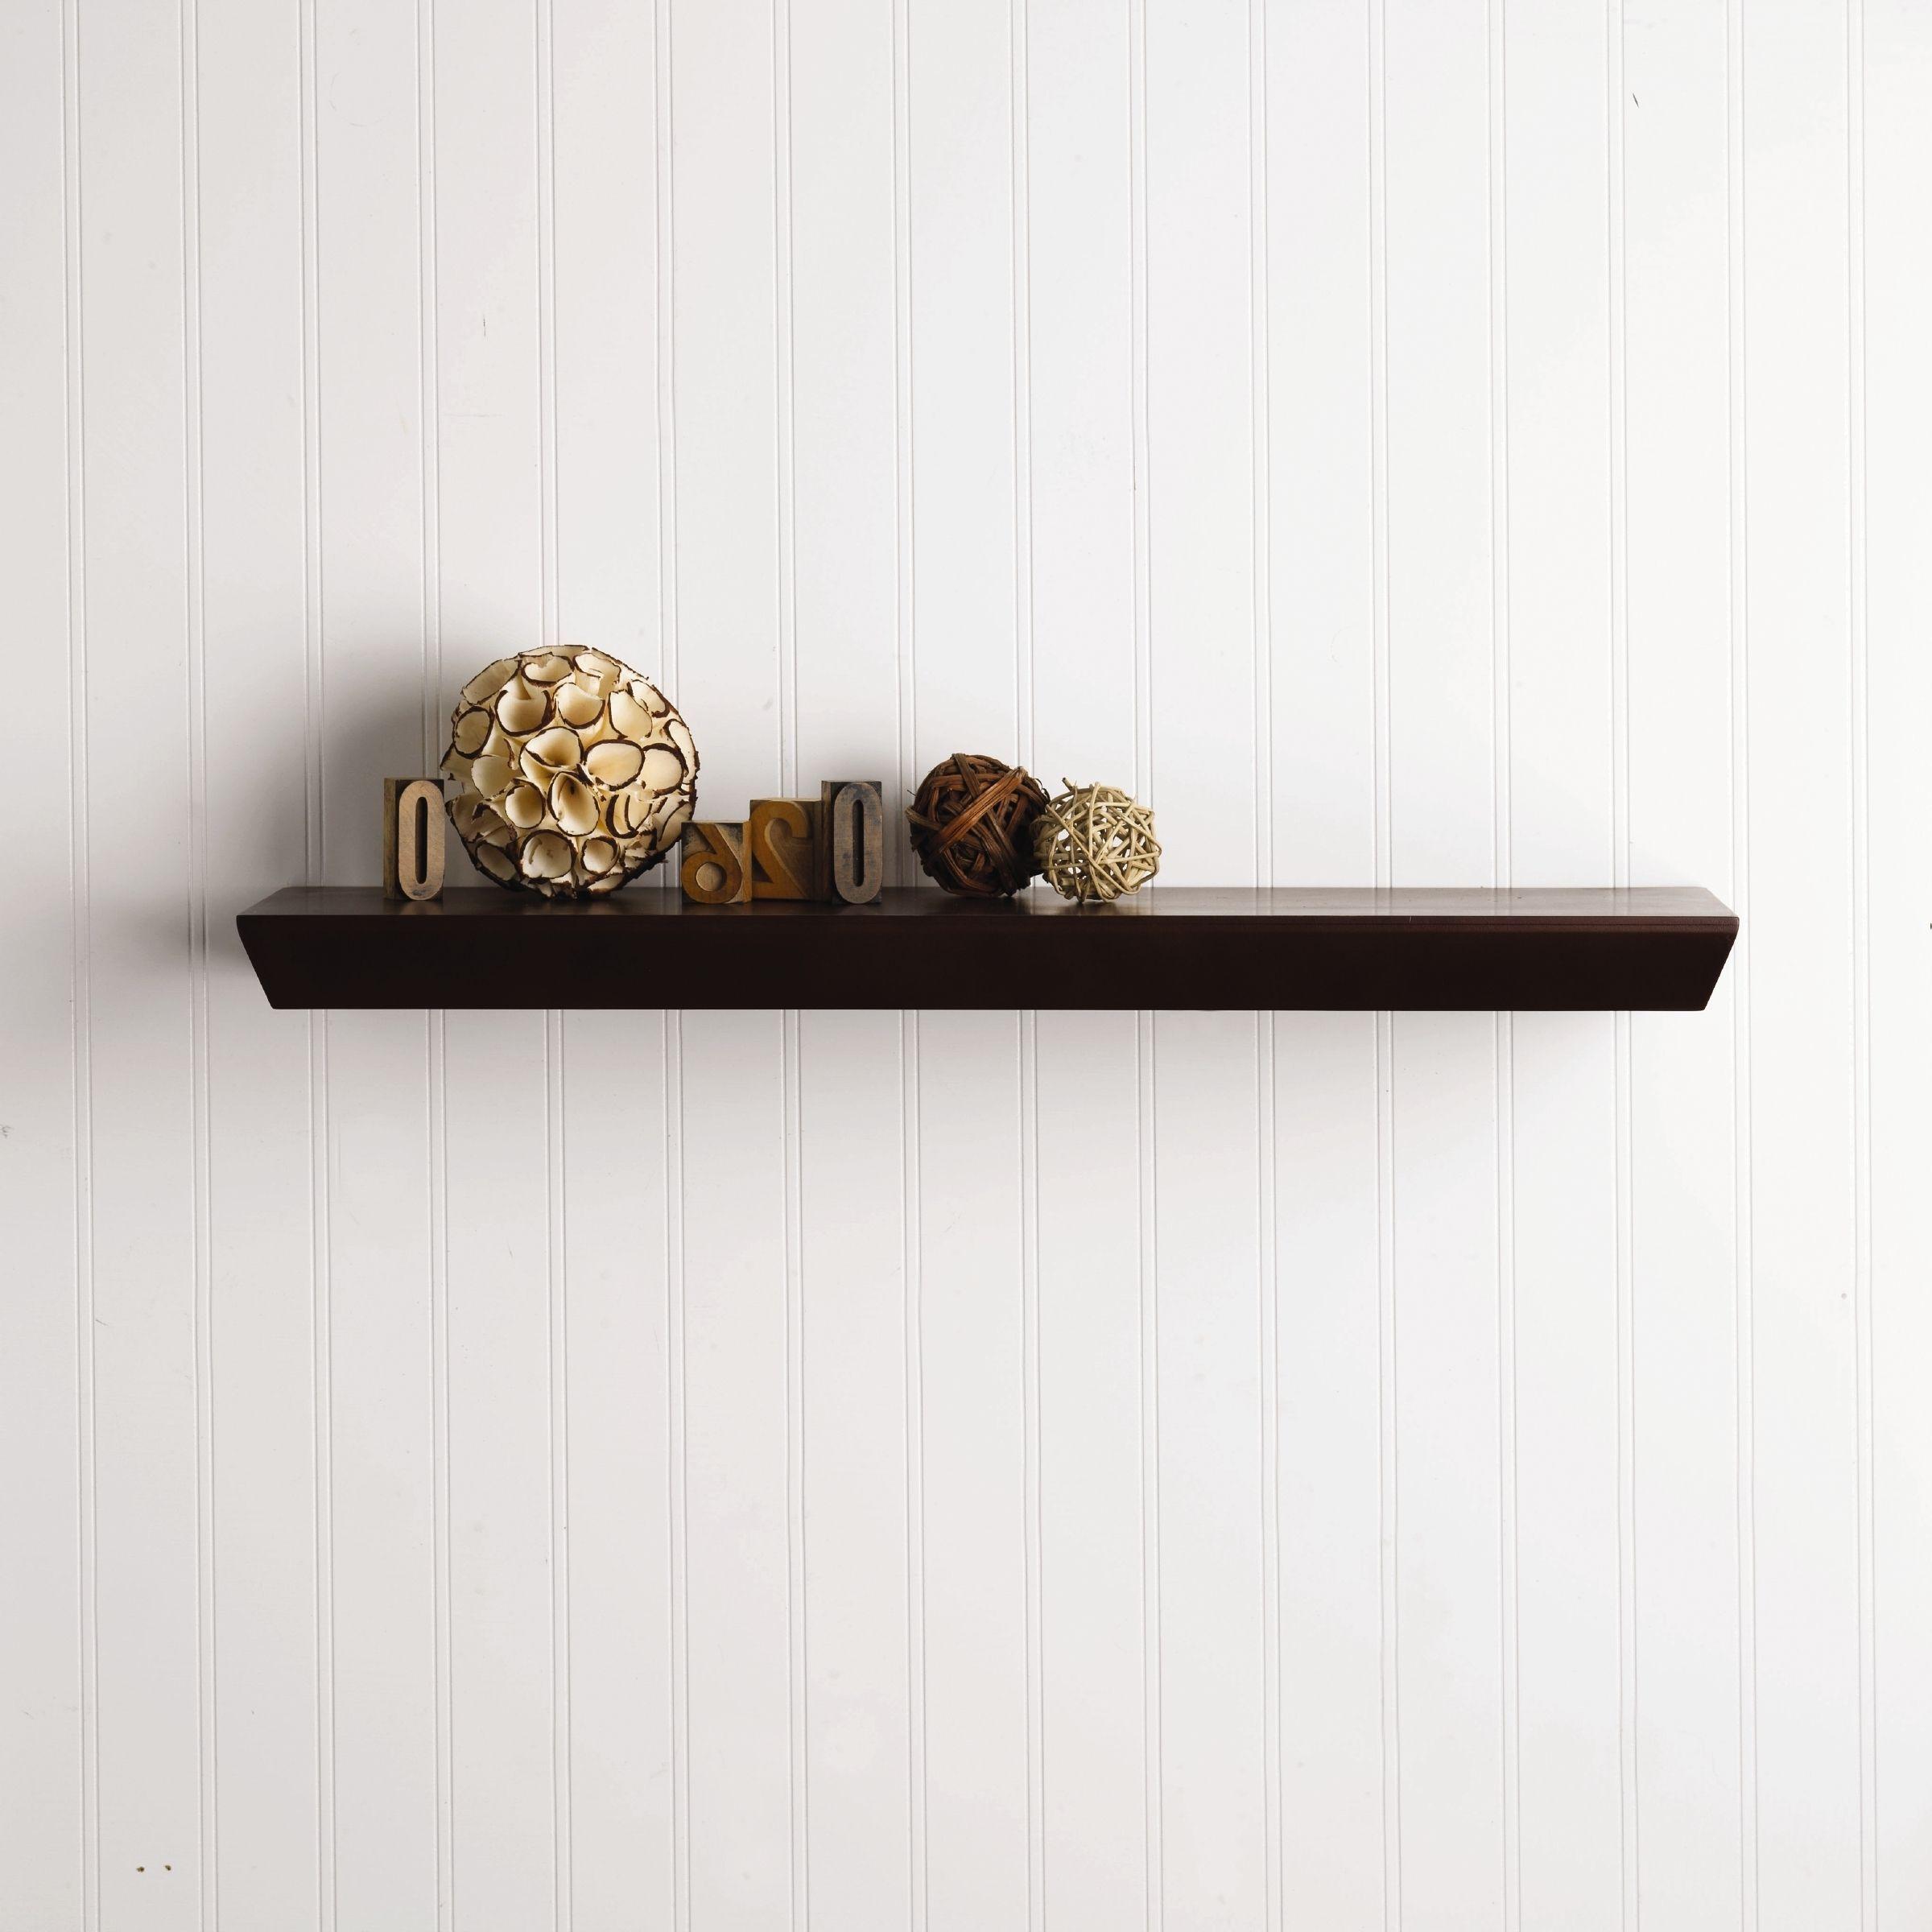 Melannco Java Bedford 24-inch Floating Wall Shelf by Melannco ...